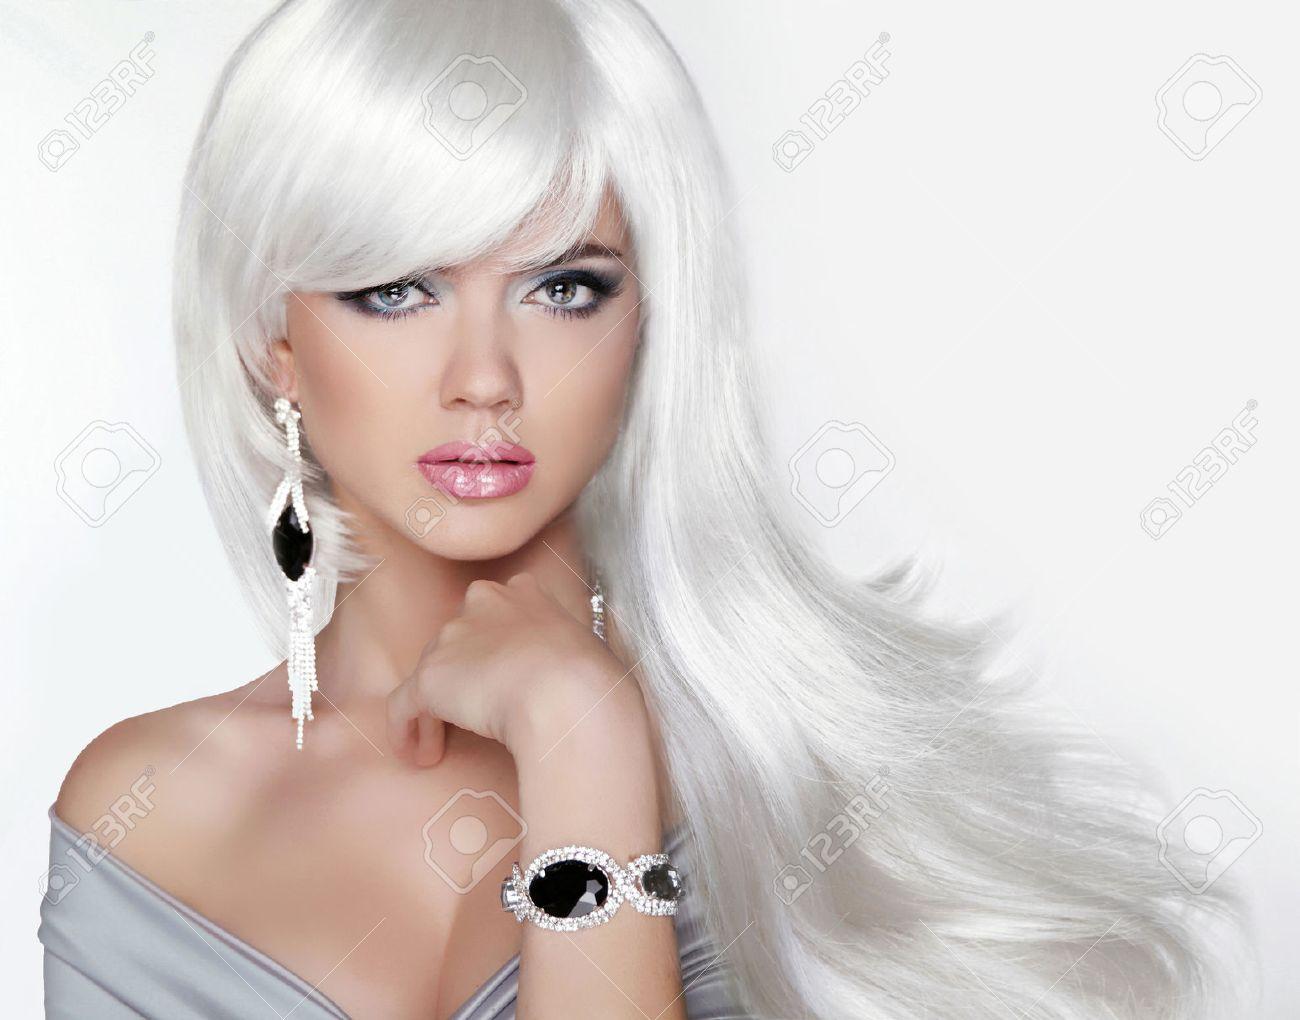 Lange Haare Fashion Blondes Mädchen Mit Weißen Wellige Frisur